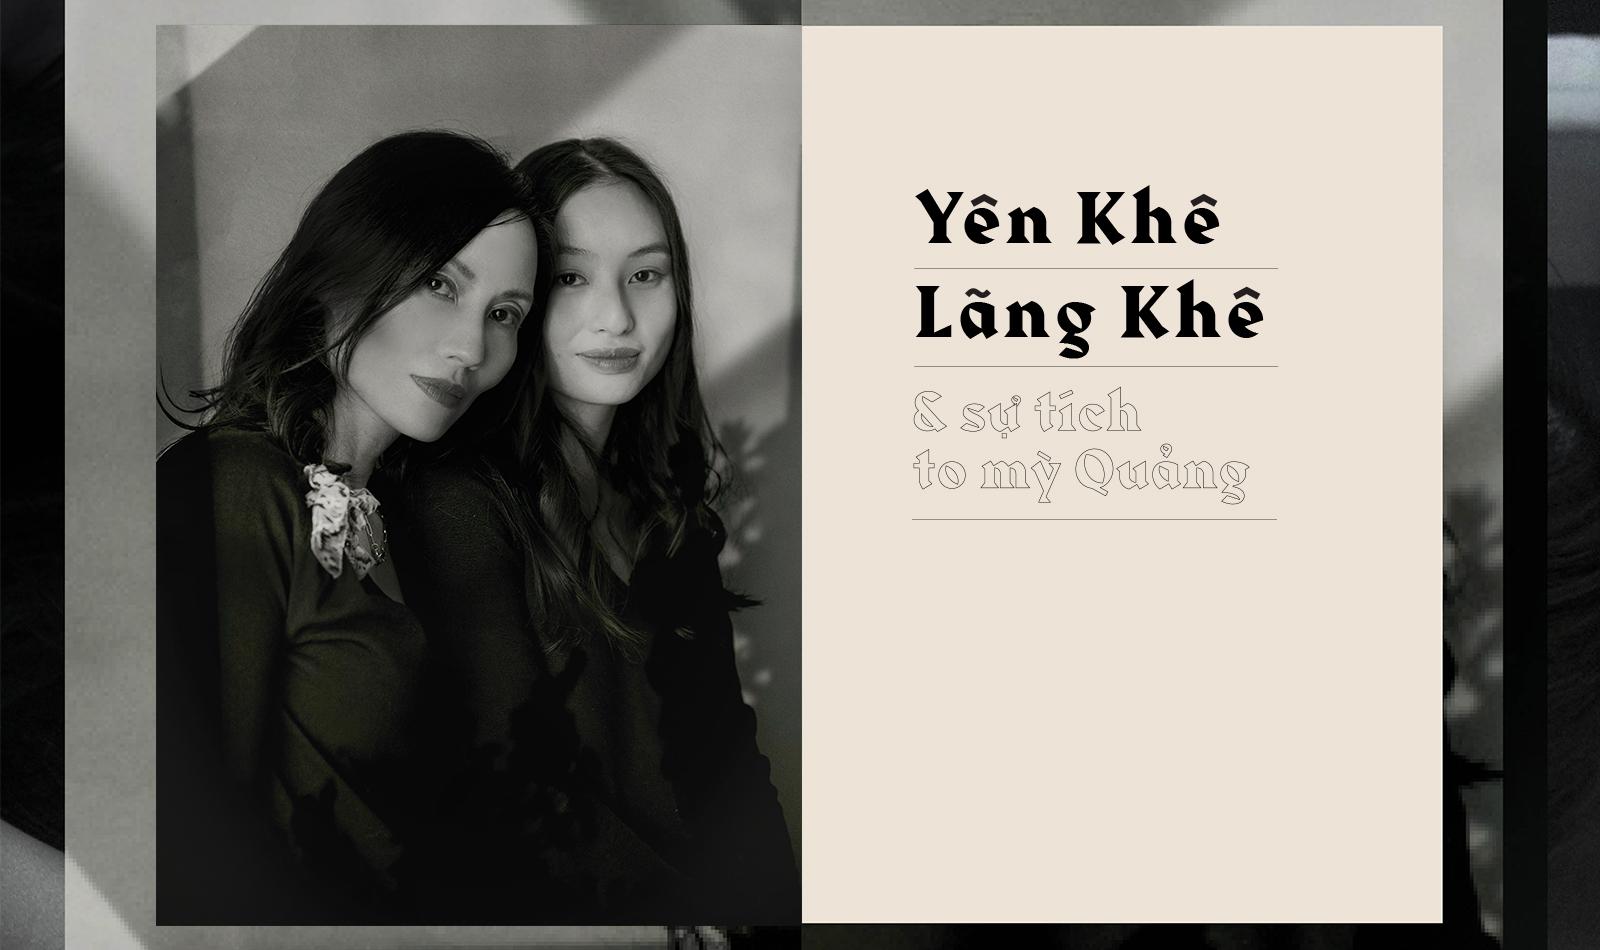 Yên Khê, Lãng Khê & và sự tích tô mỳ Quảng